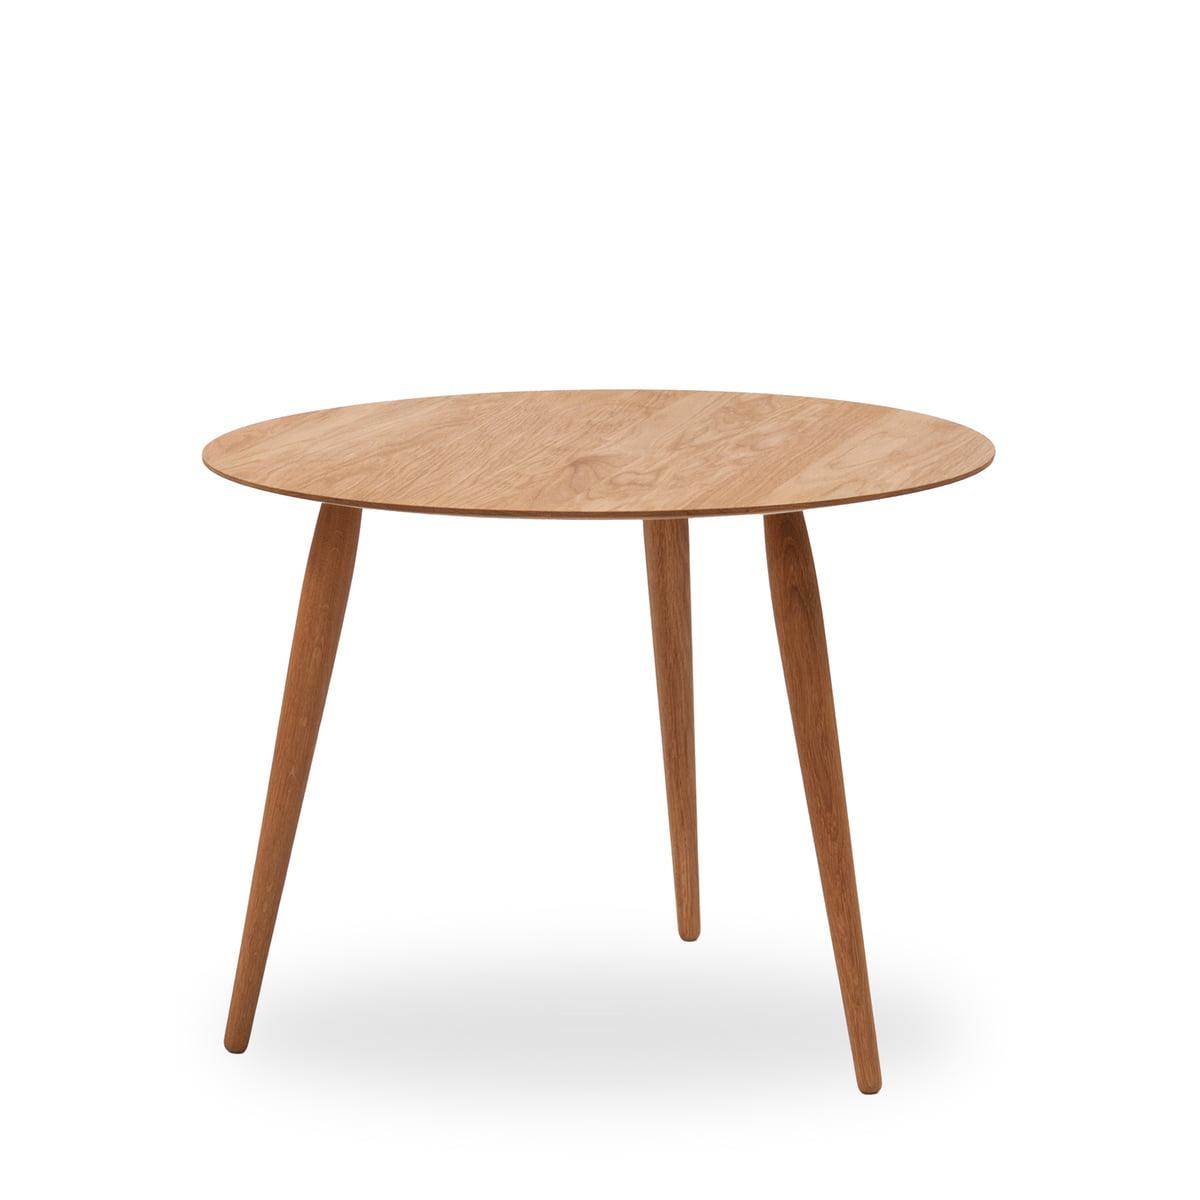 Bruunmunch playround beistelltisch wood 75 cm eiche for Beistelltisch 75 cm